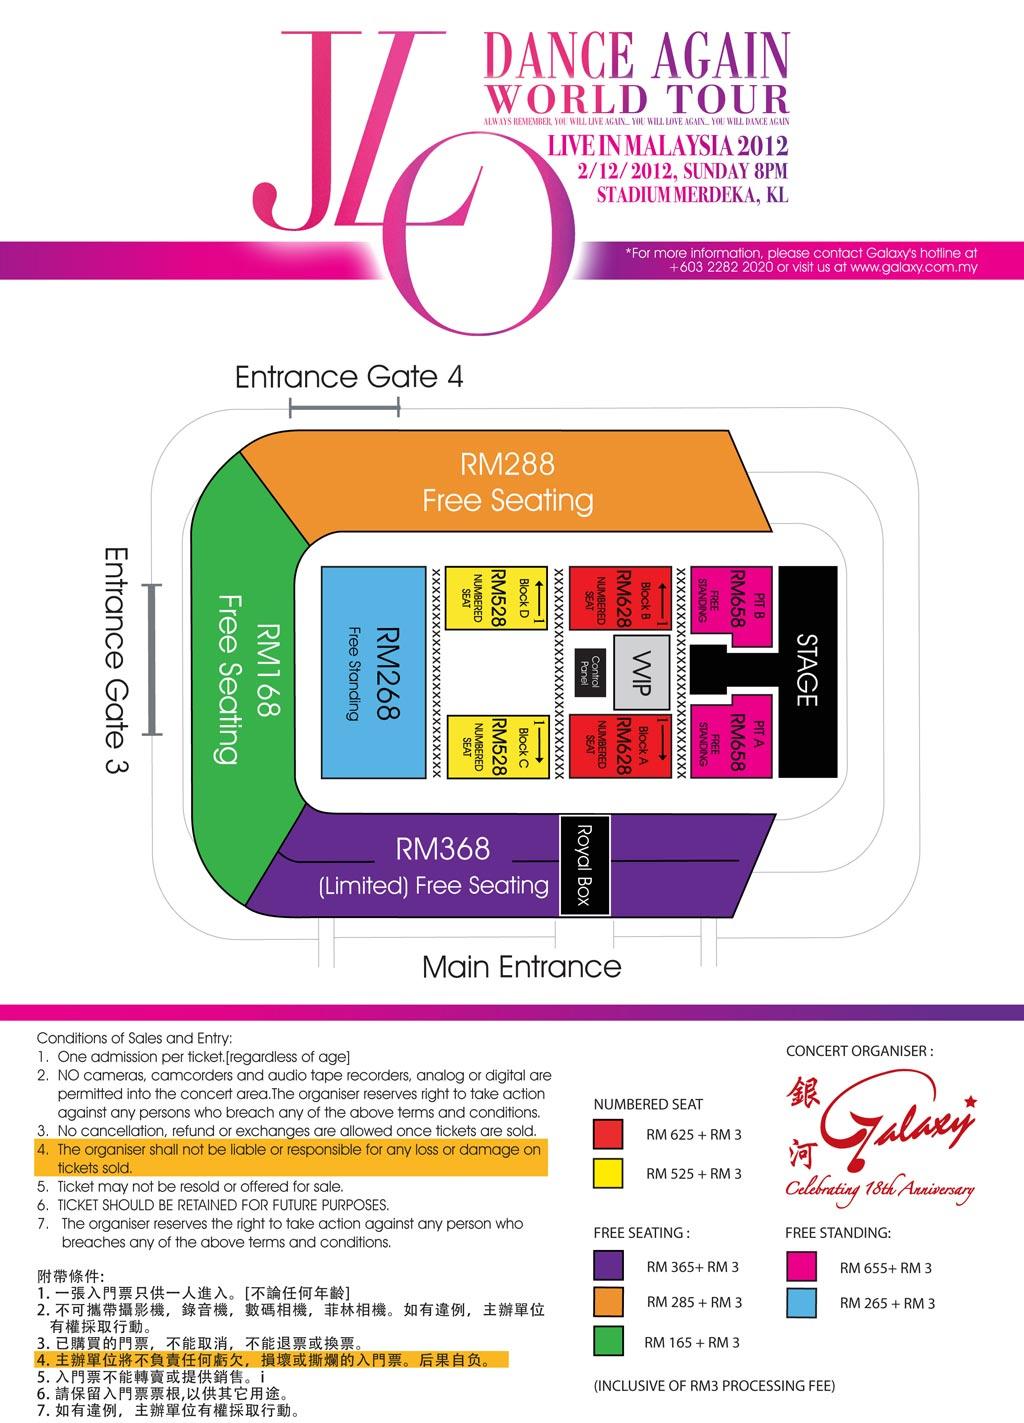 http://1.bp.blogspot.com/-zGriQs6YjBQ/UGt1girABeI/AAAAAAAAMMw/7zXfAw8Wm0g/s1600/j-lo-malaysia-concert-ticket-seating.jpg